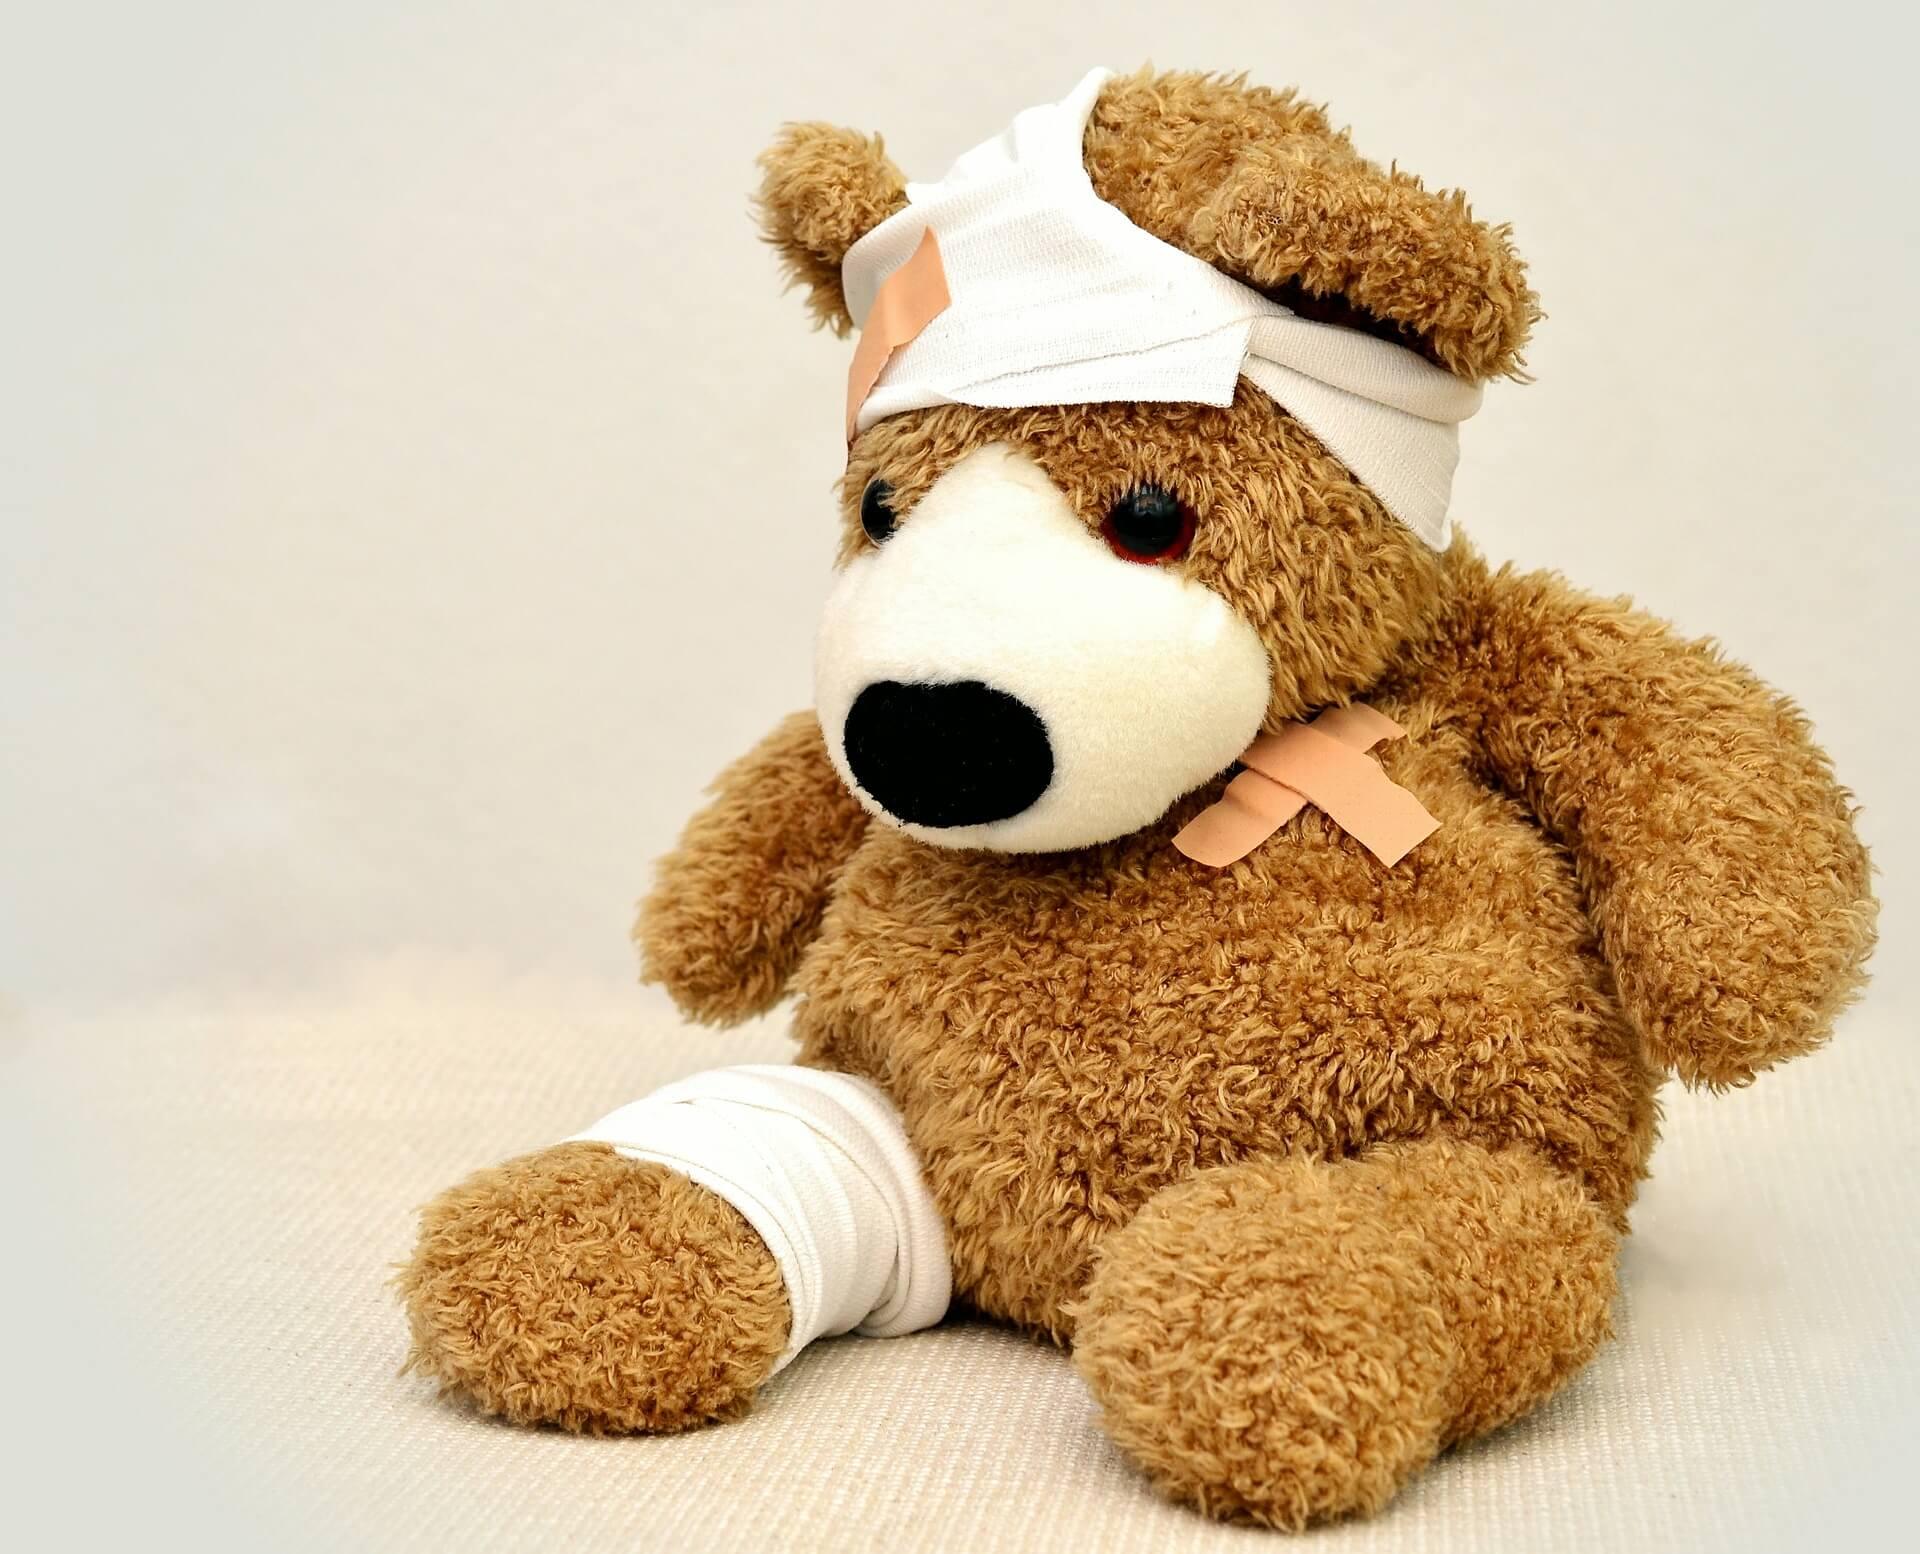 Teddy, Kinderunfall, Versicherung, Unfall, ohne Gesundheitsfragen